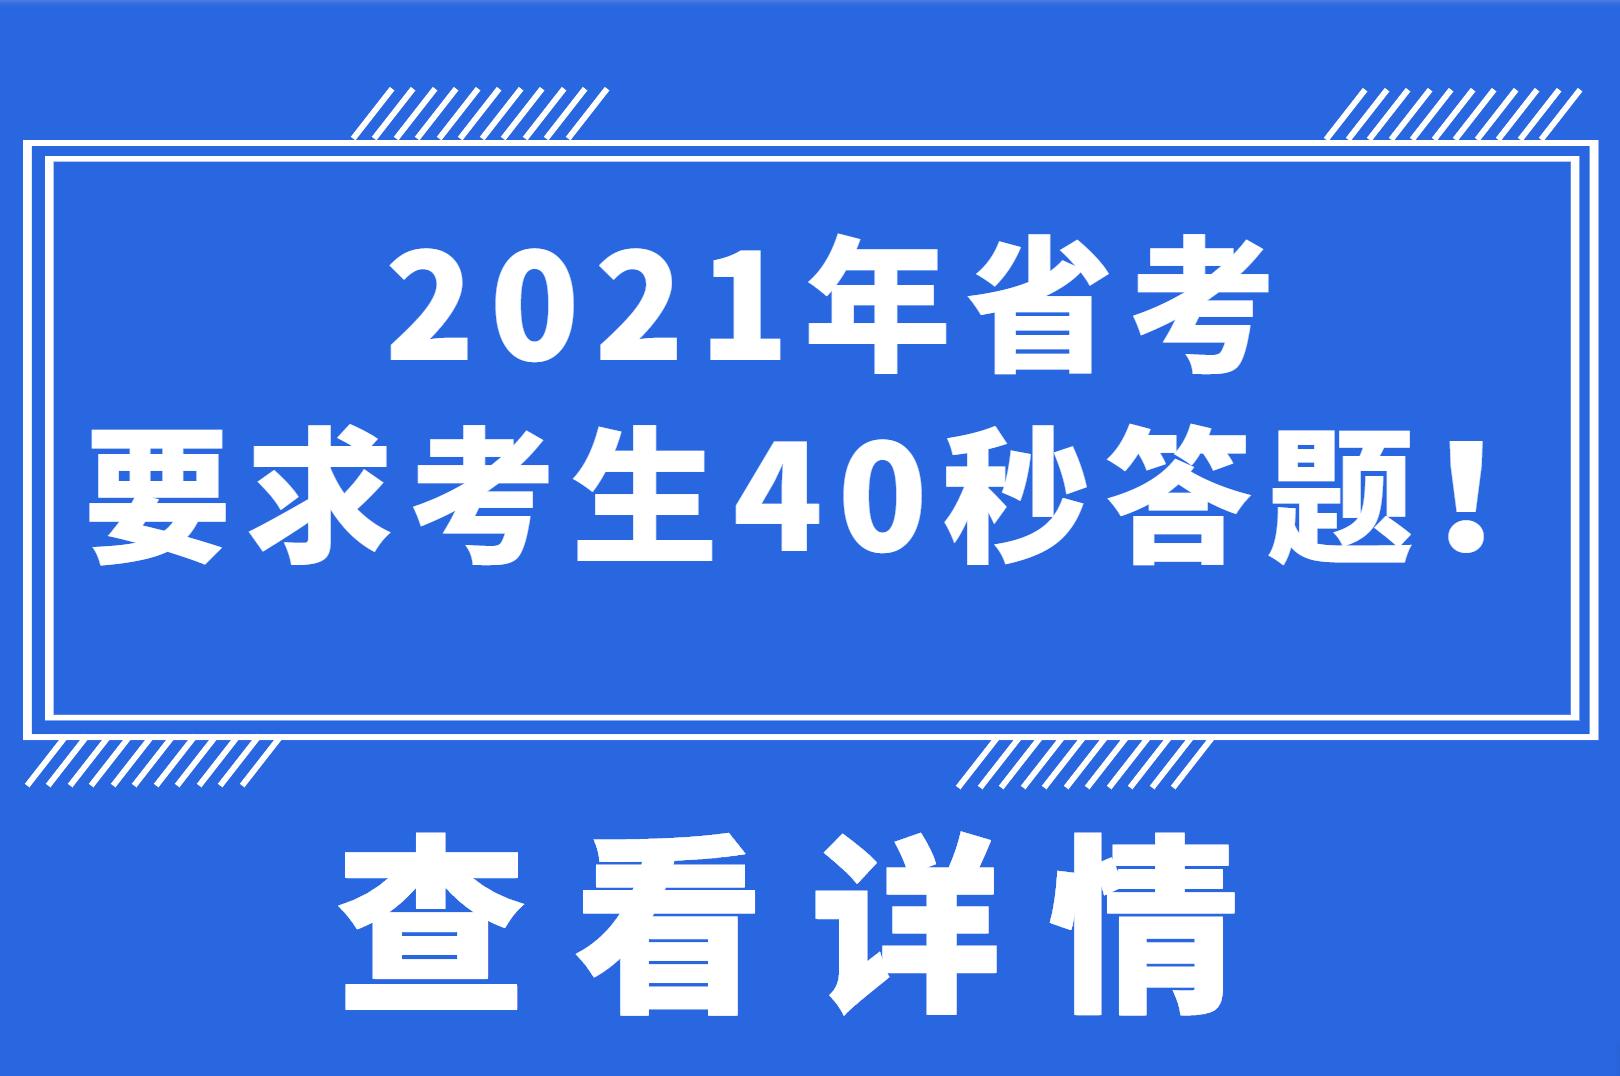 重大消息!2021年省考判断推理和言语理解要求考生40秒答题!